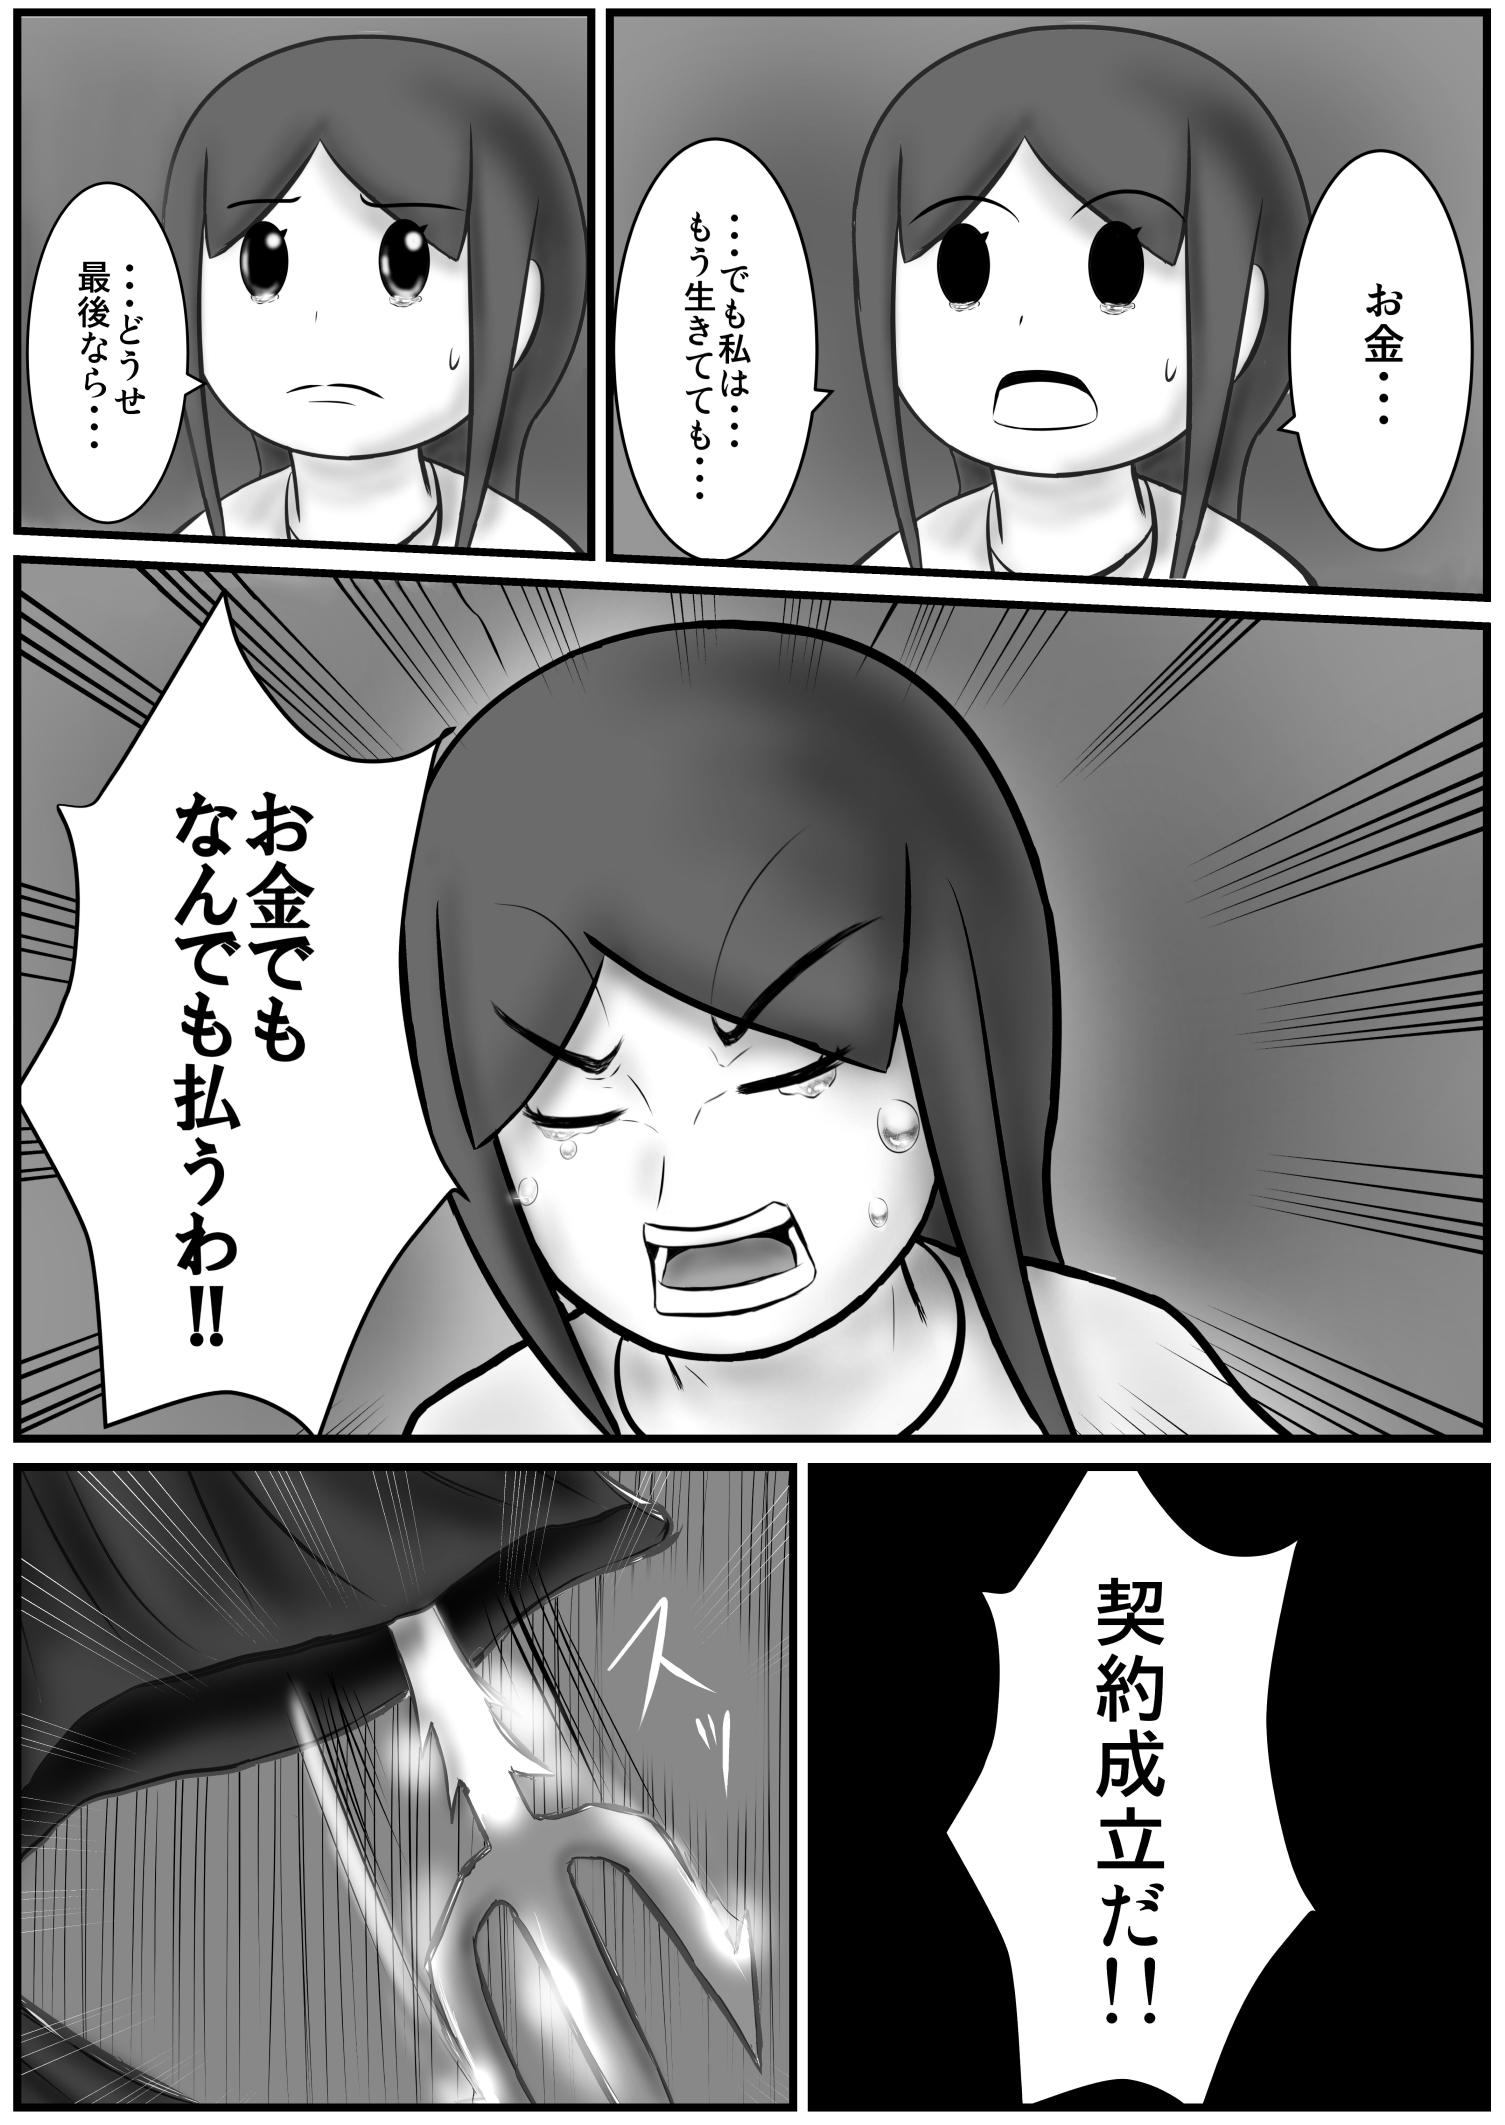 悪魔の勘違い マンガ_011